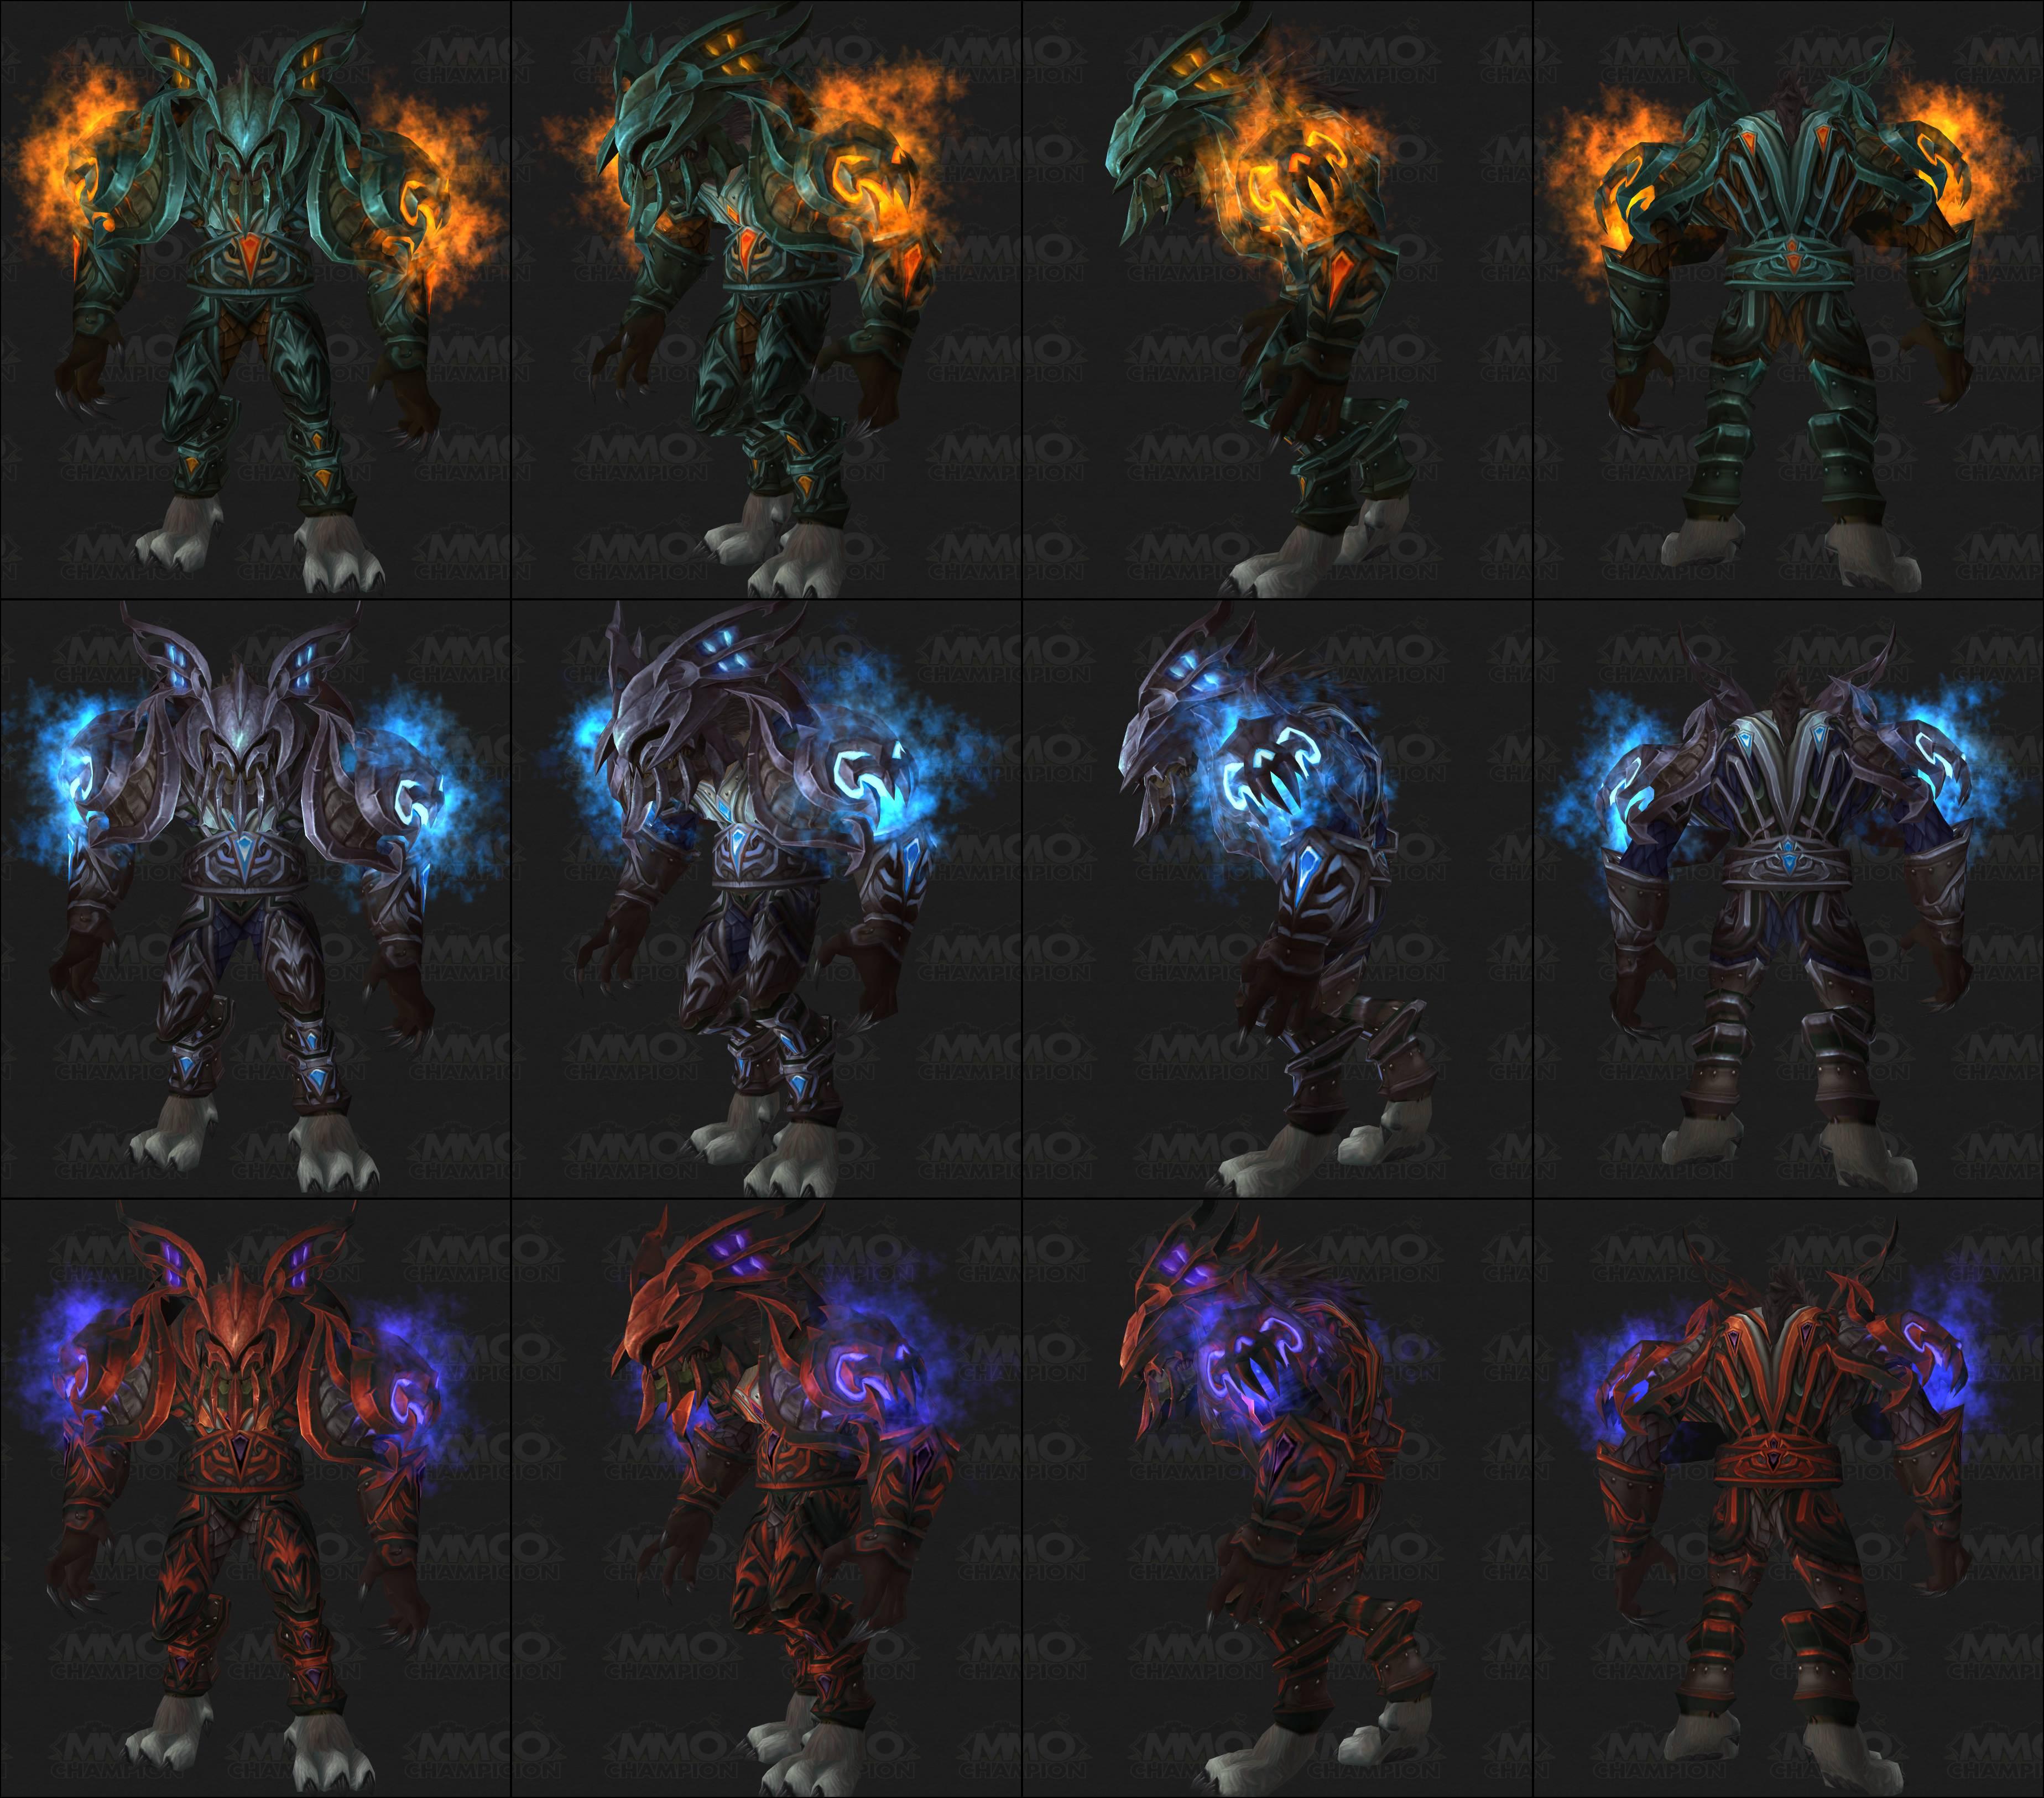 Worgen+Dk http://warcraftwallpaper.com/Worgen_Death_Knight-59.html